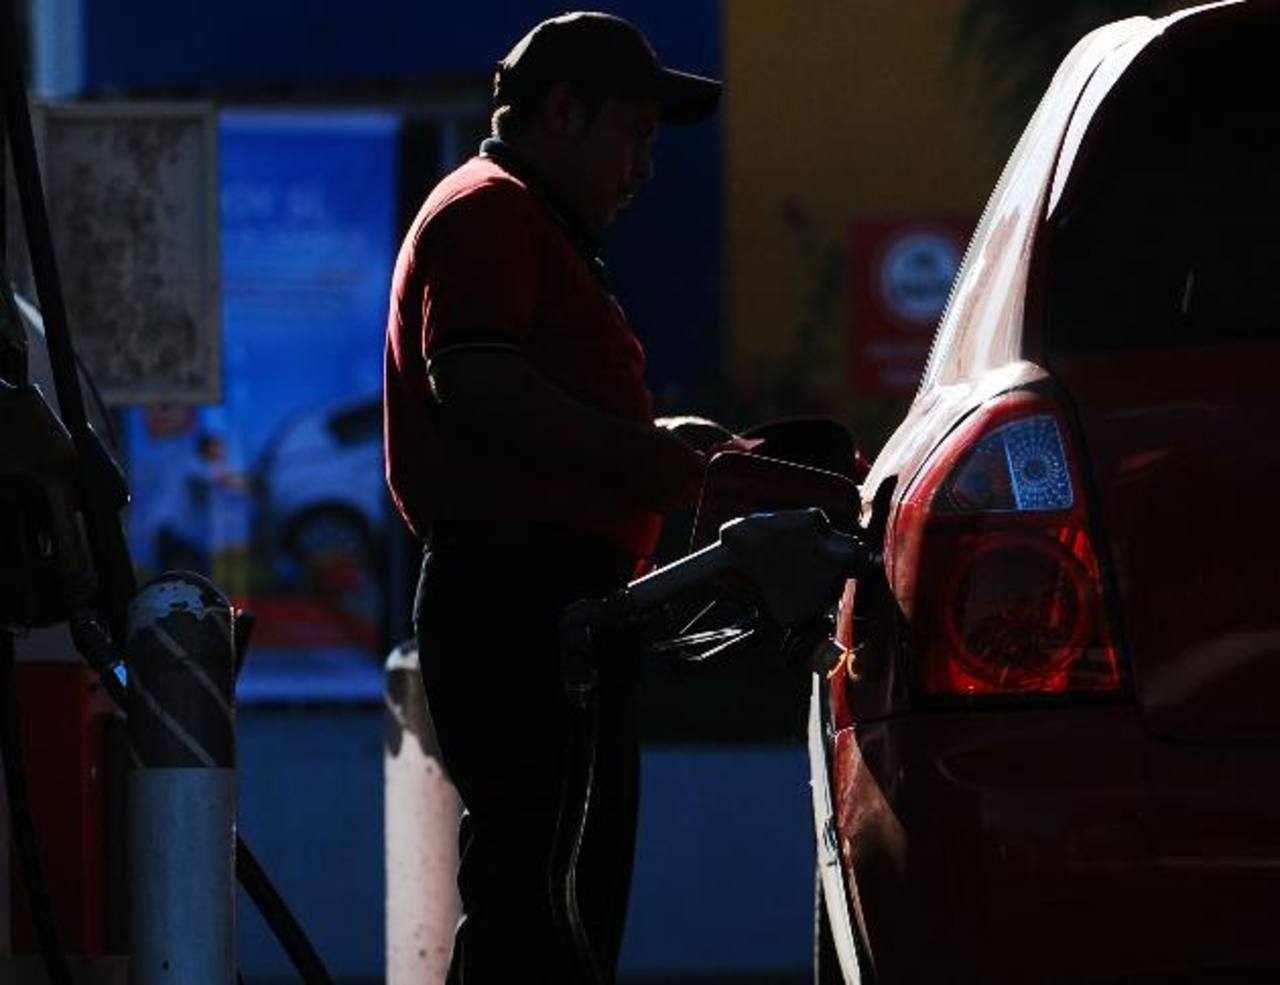 Precio de la gasolina bajará más de $0.10